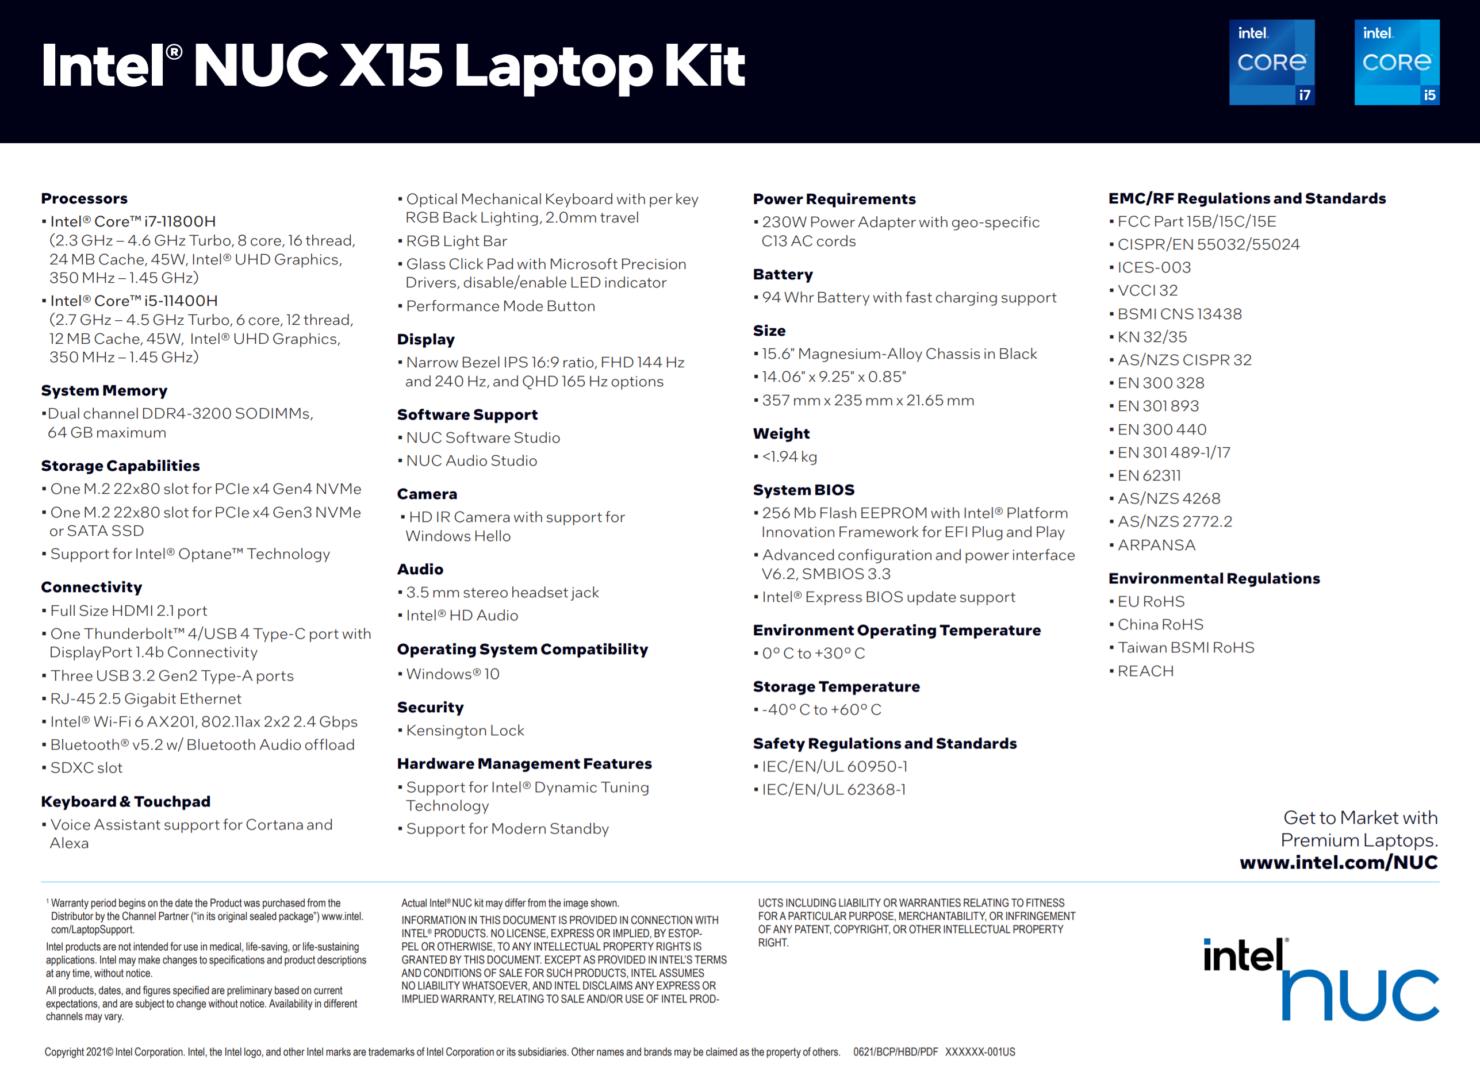 Intel Presents NUC X15